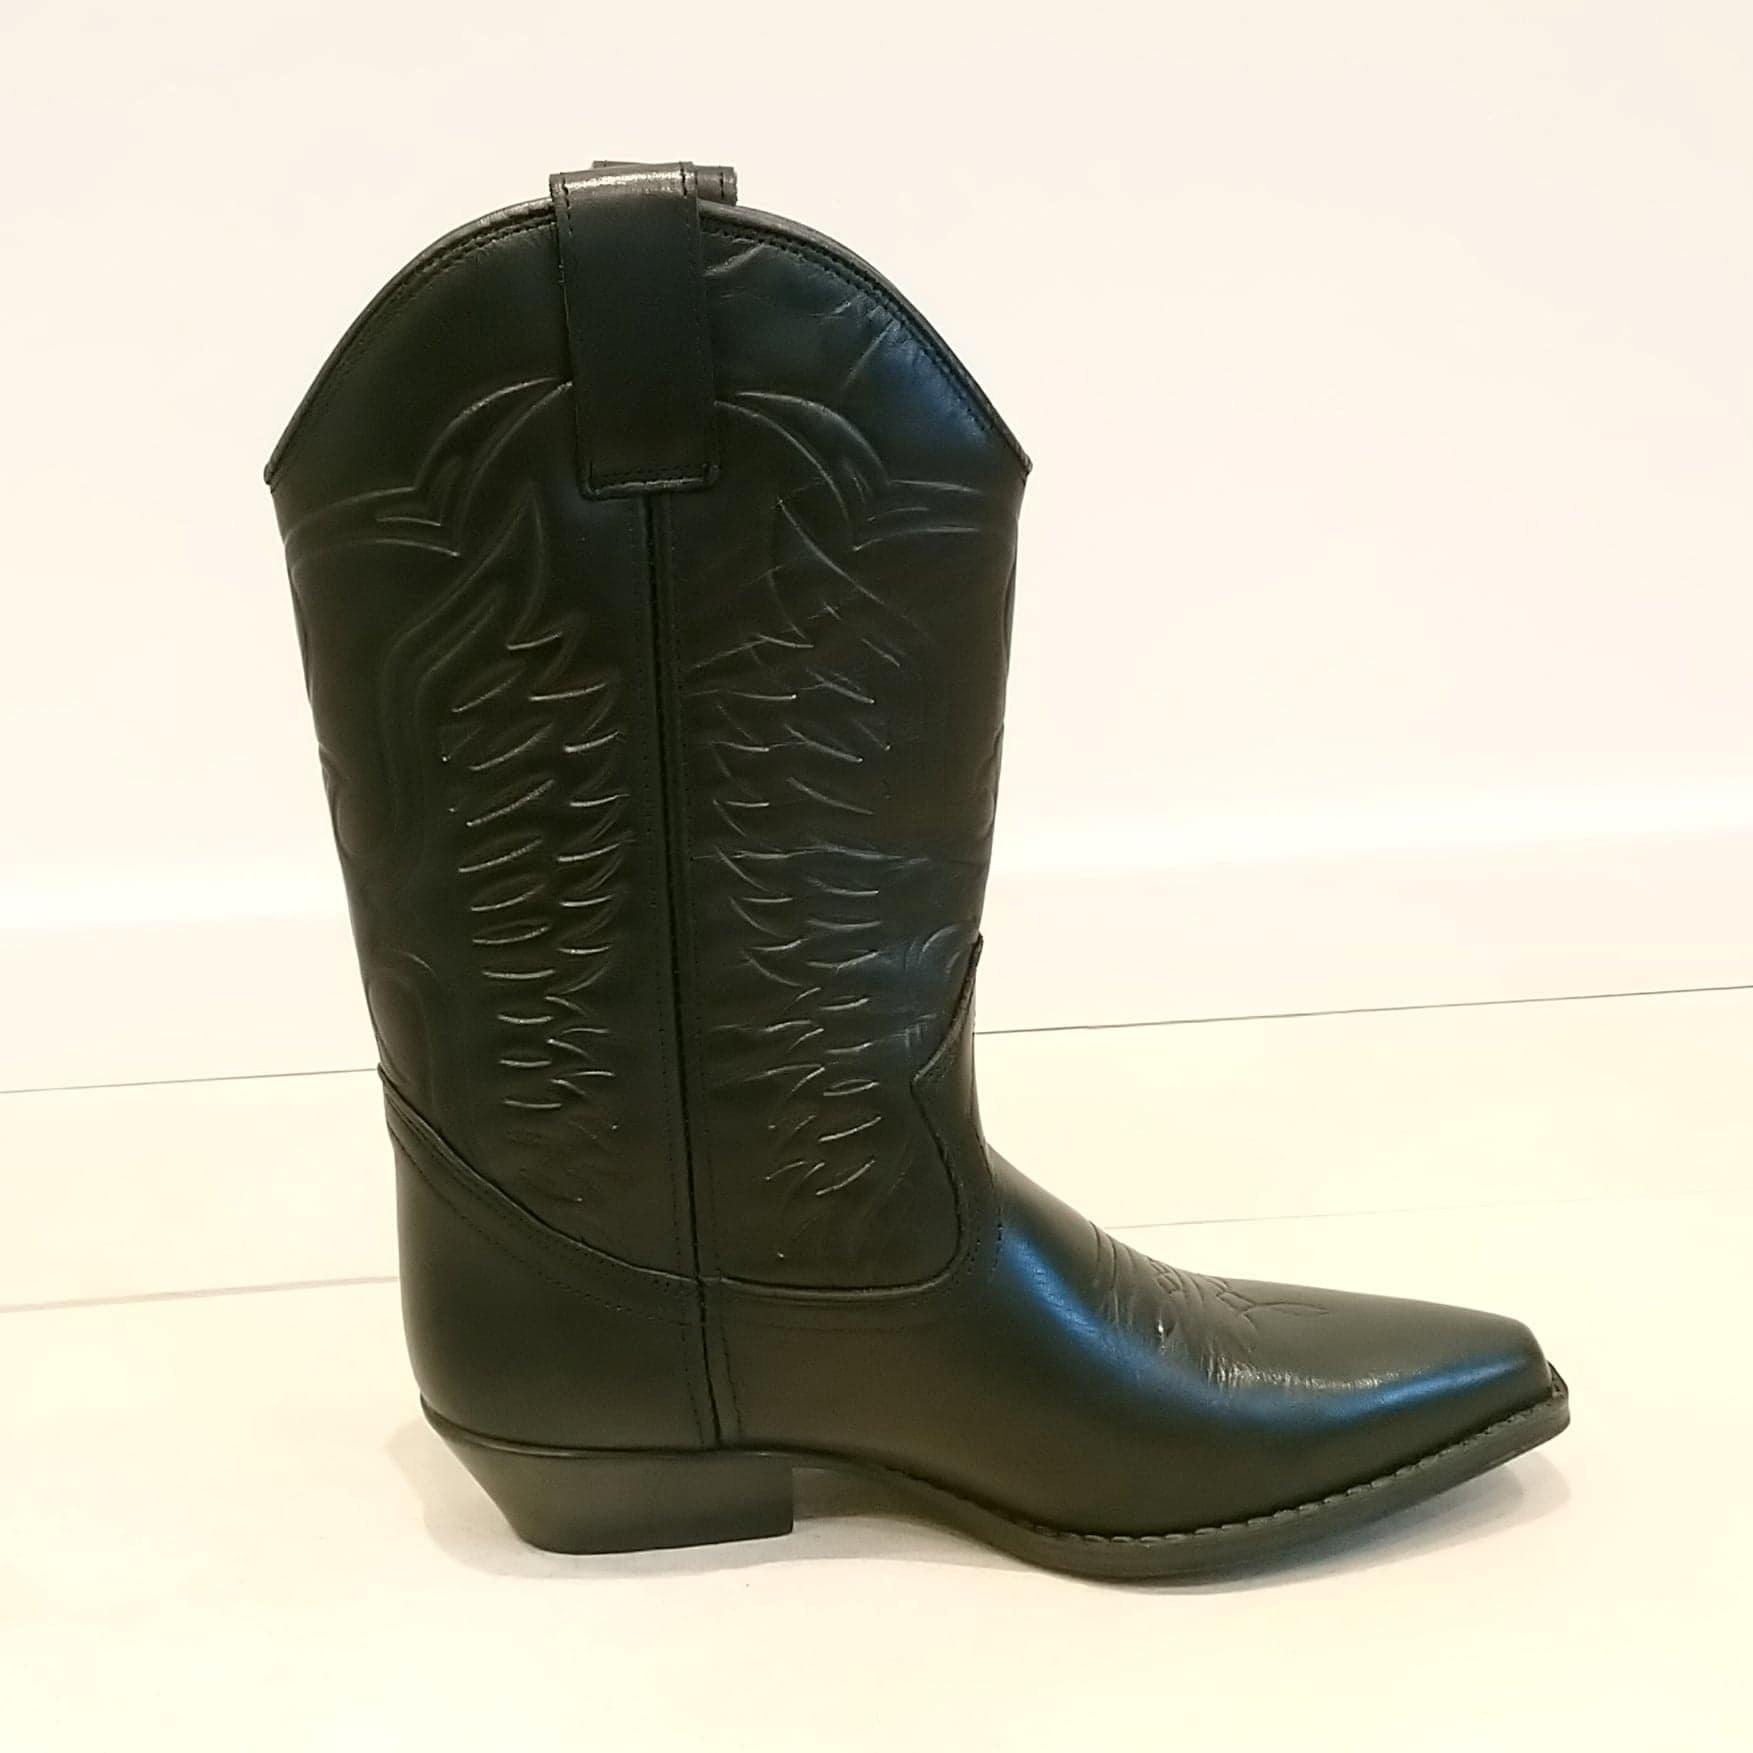 907d11de4c1 Joe Sanchez Dame støvle med flotte syninger - BLACK str 40